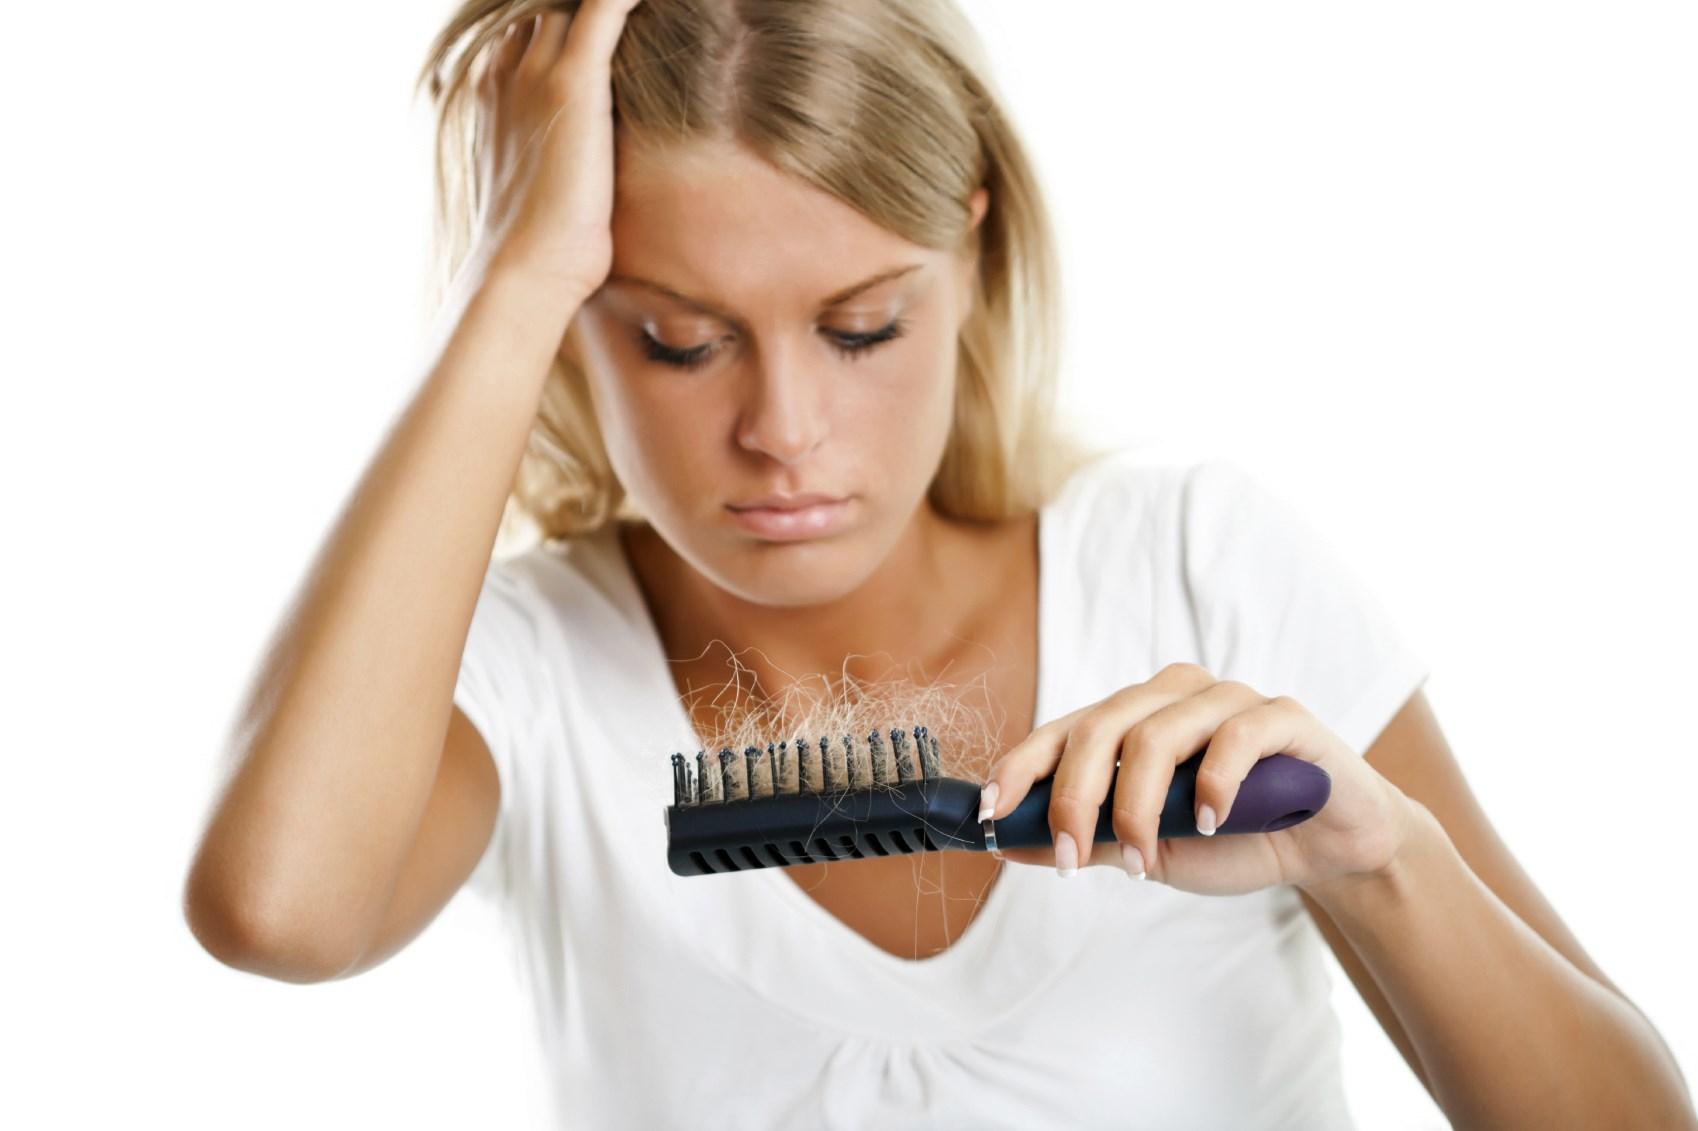 волосы выпадают,волосы,женское здоровье,здоровье волос,здоровье,красота,красота зимой